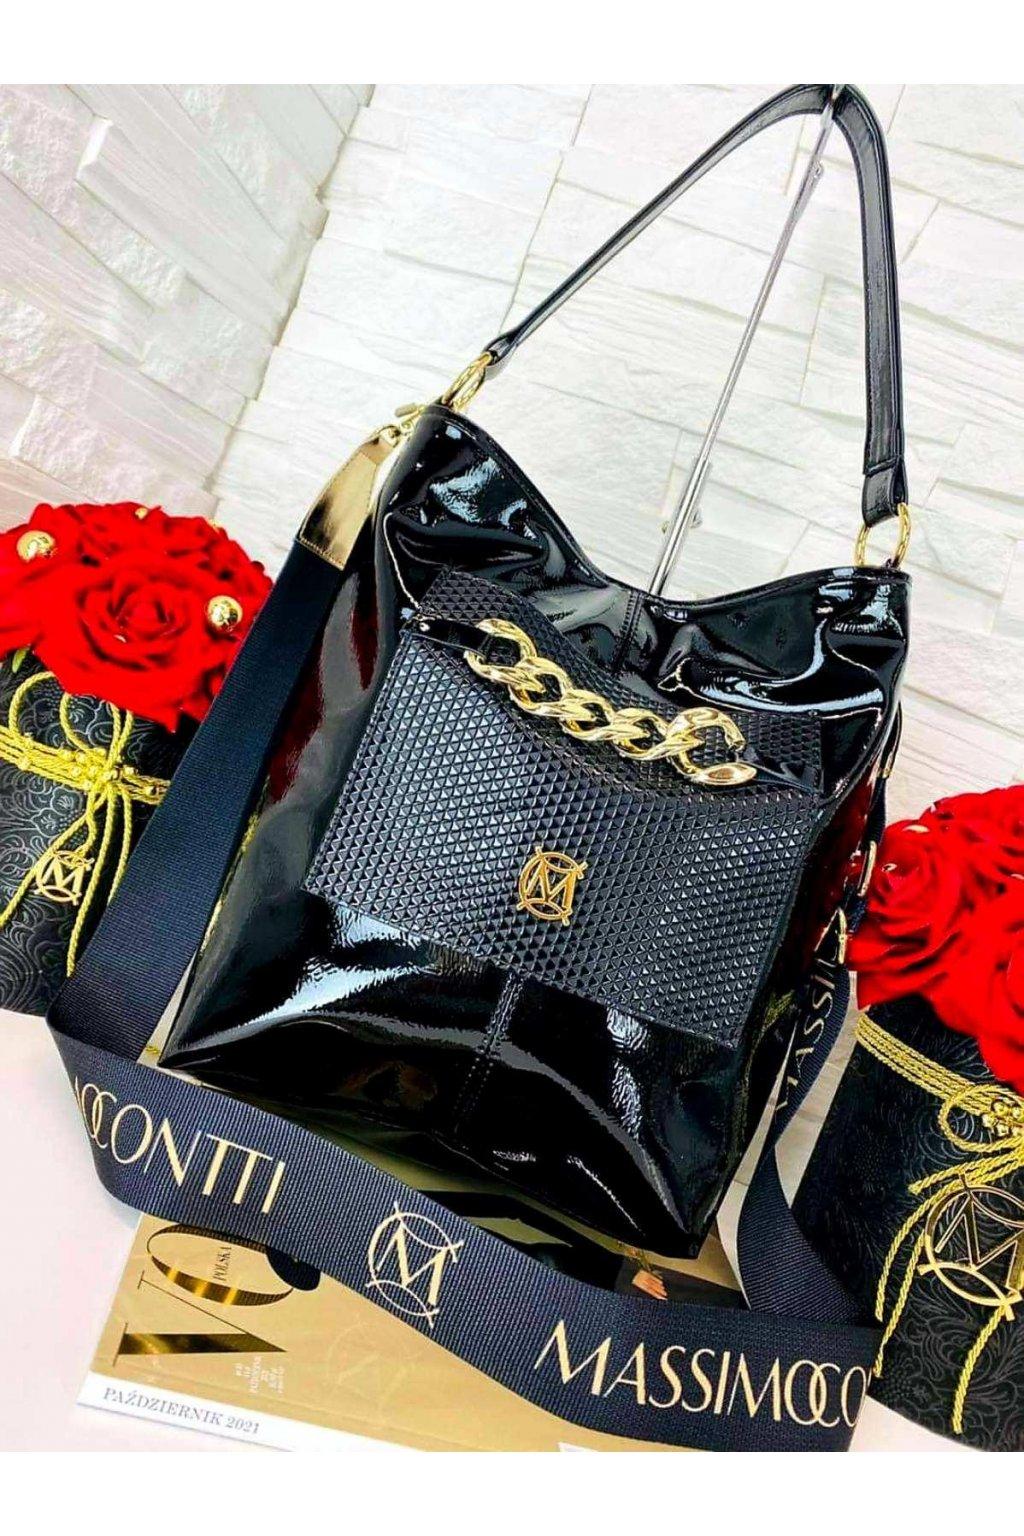 KABELKA Massimo Contti černý LAK luxusní značkovÁ kabelka elegant italy fashion s řetězem II